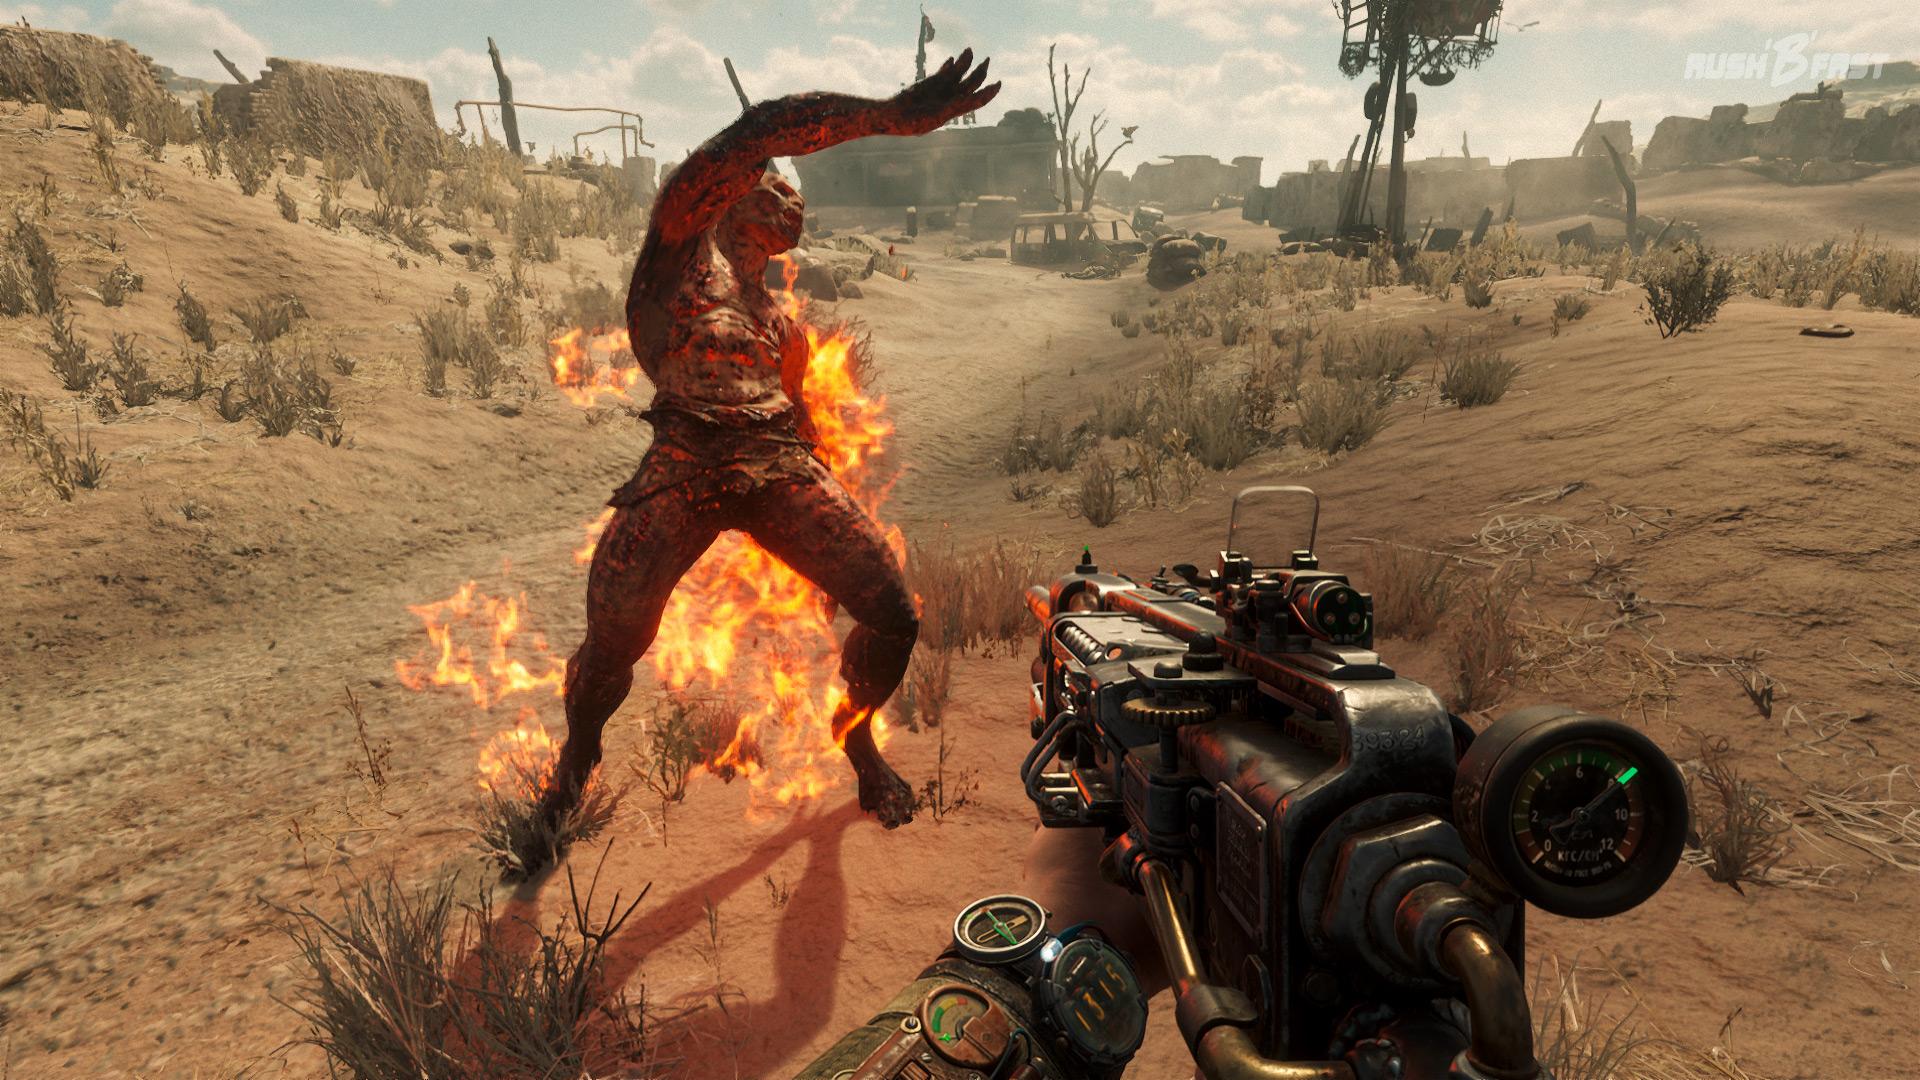 """Metro Exodus - Hier geht es nicht zum """"Burning Man Festival"""" in der Wüste! Tipp: Behaltet immer die Druckanzeige eures Luftgewehrs im Auge!"""